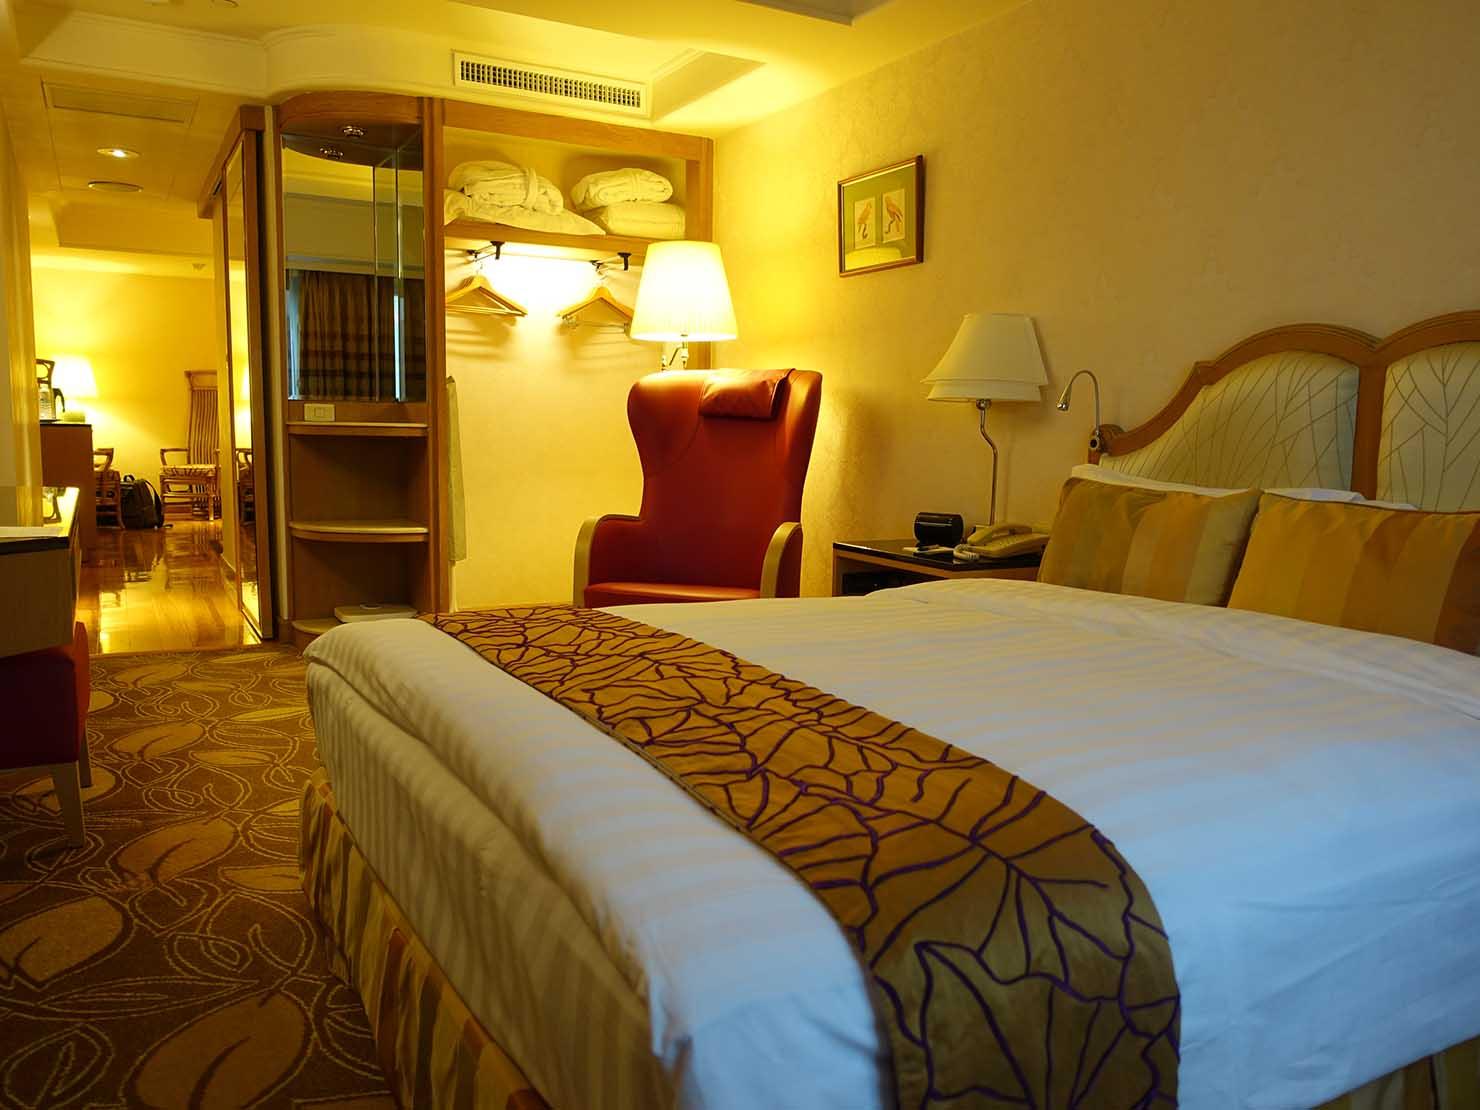 台北のおすすめ4つ星ホテル「歐華酒店(リビエラホテル)」エグゼクティブダブルの窓側から見たベッドルーム